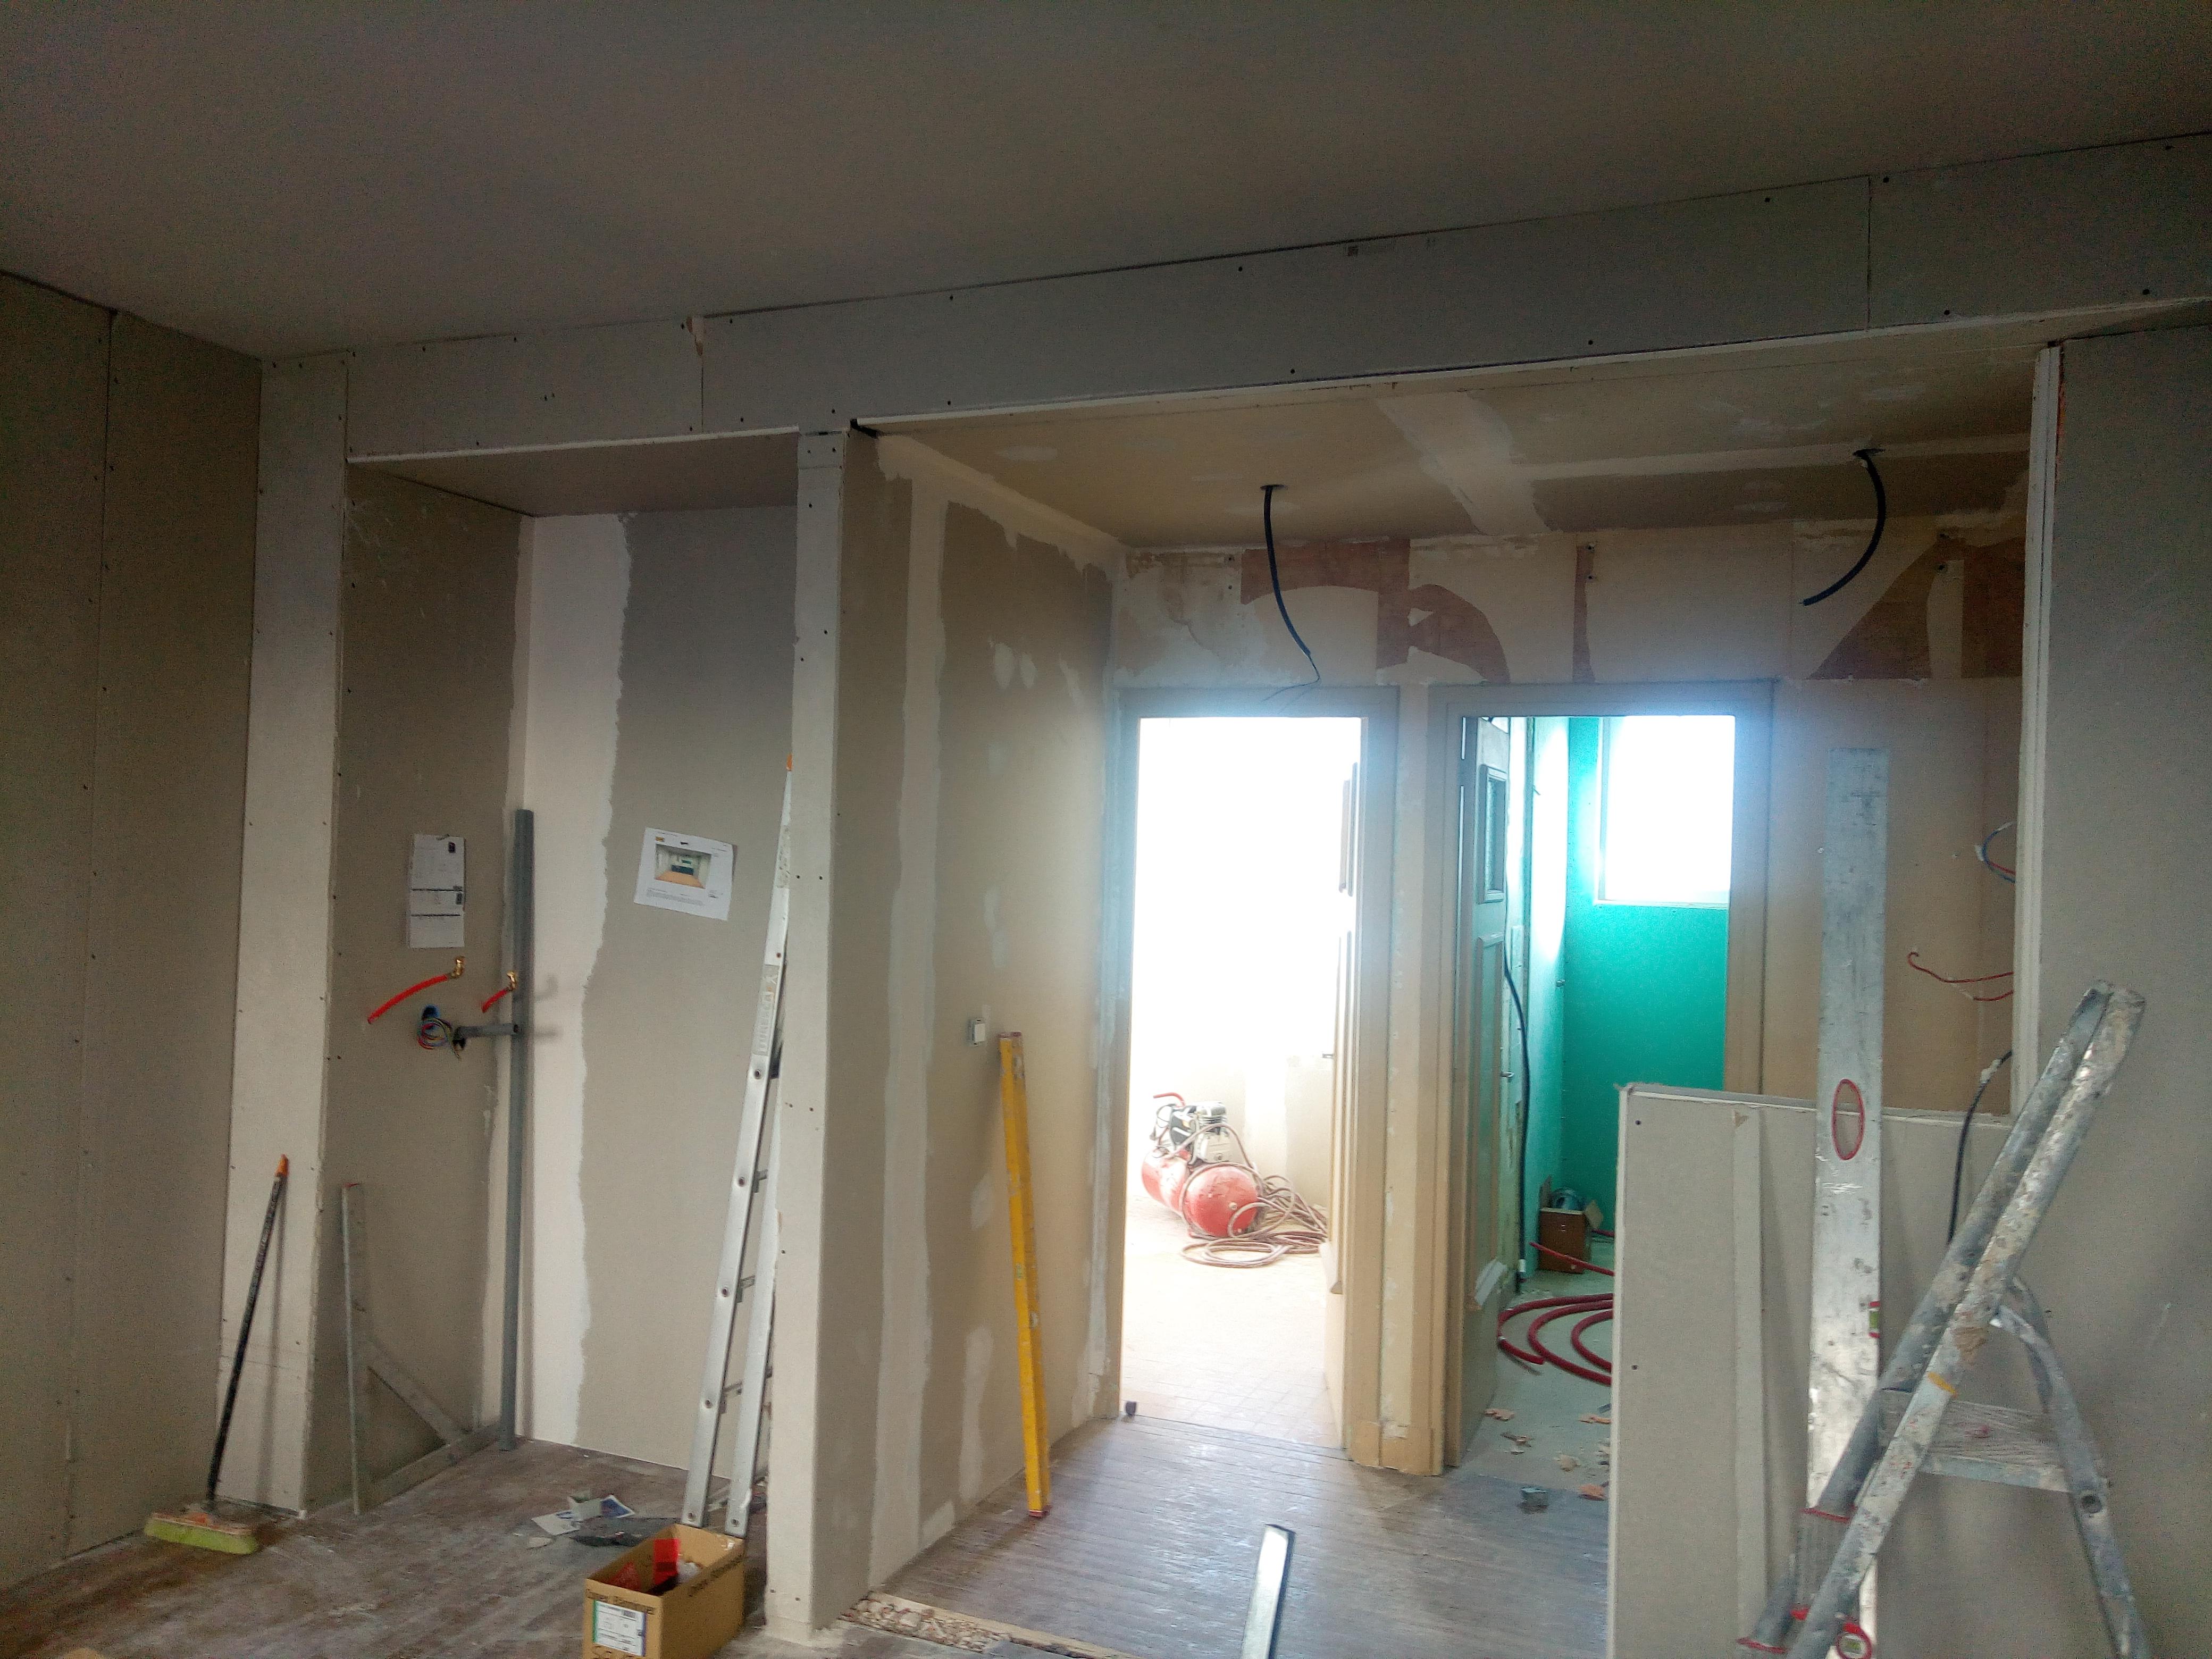 Architecte D Intérieur Brest projet de rénovation - appartement 45 m2 - pendant les